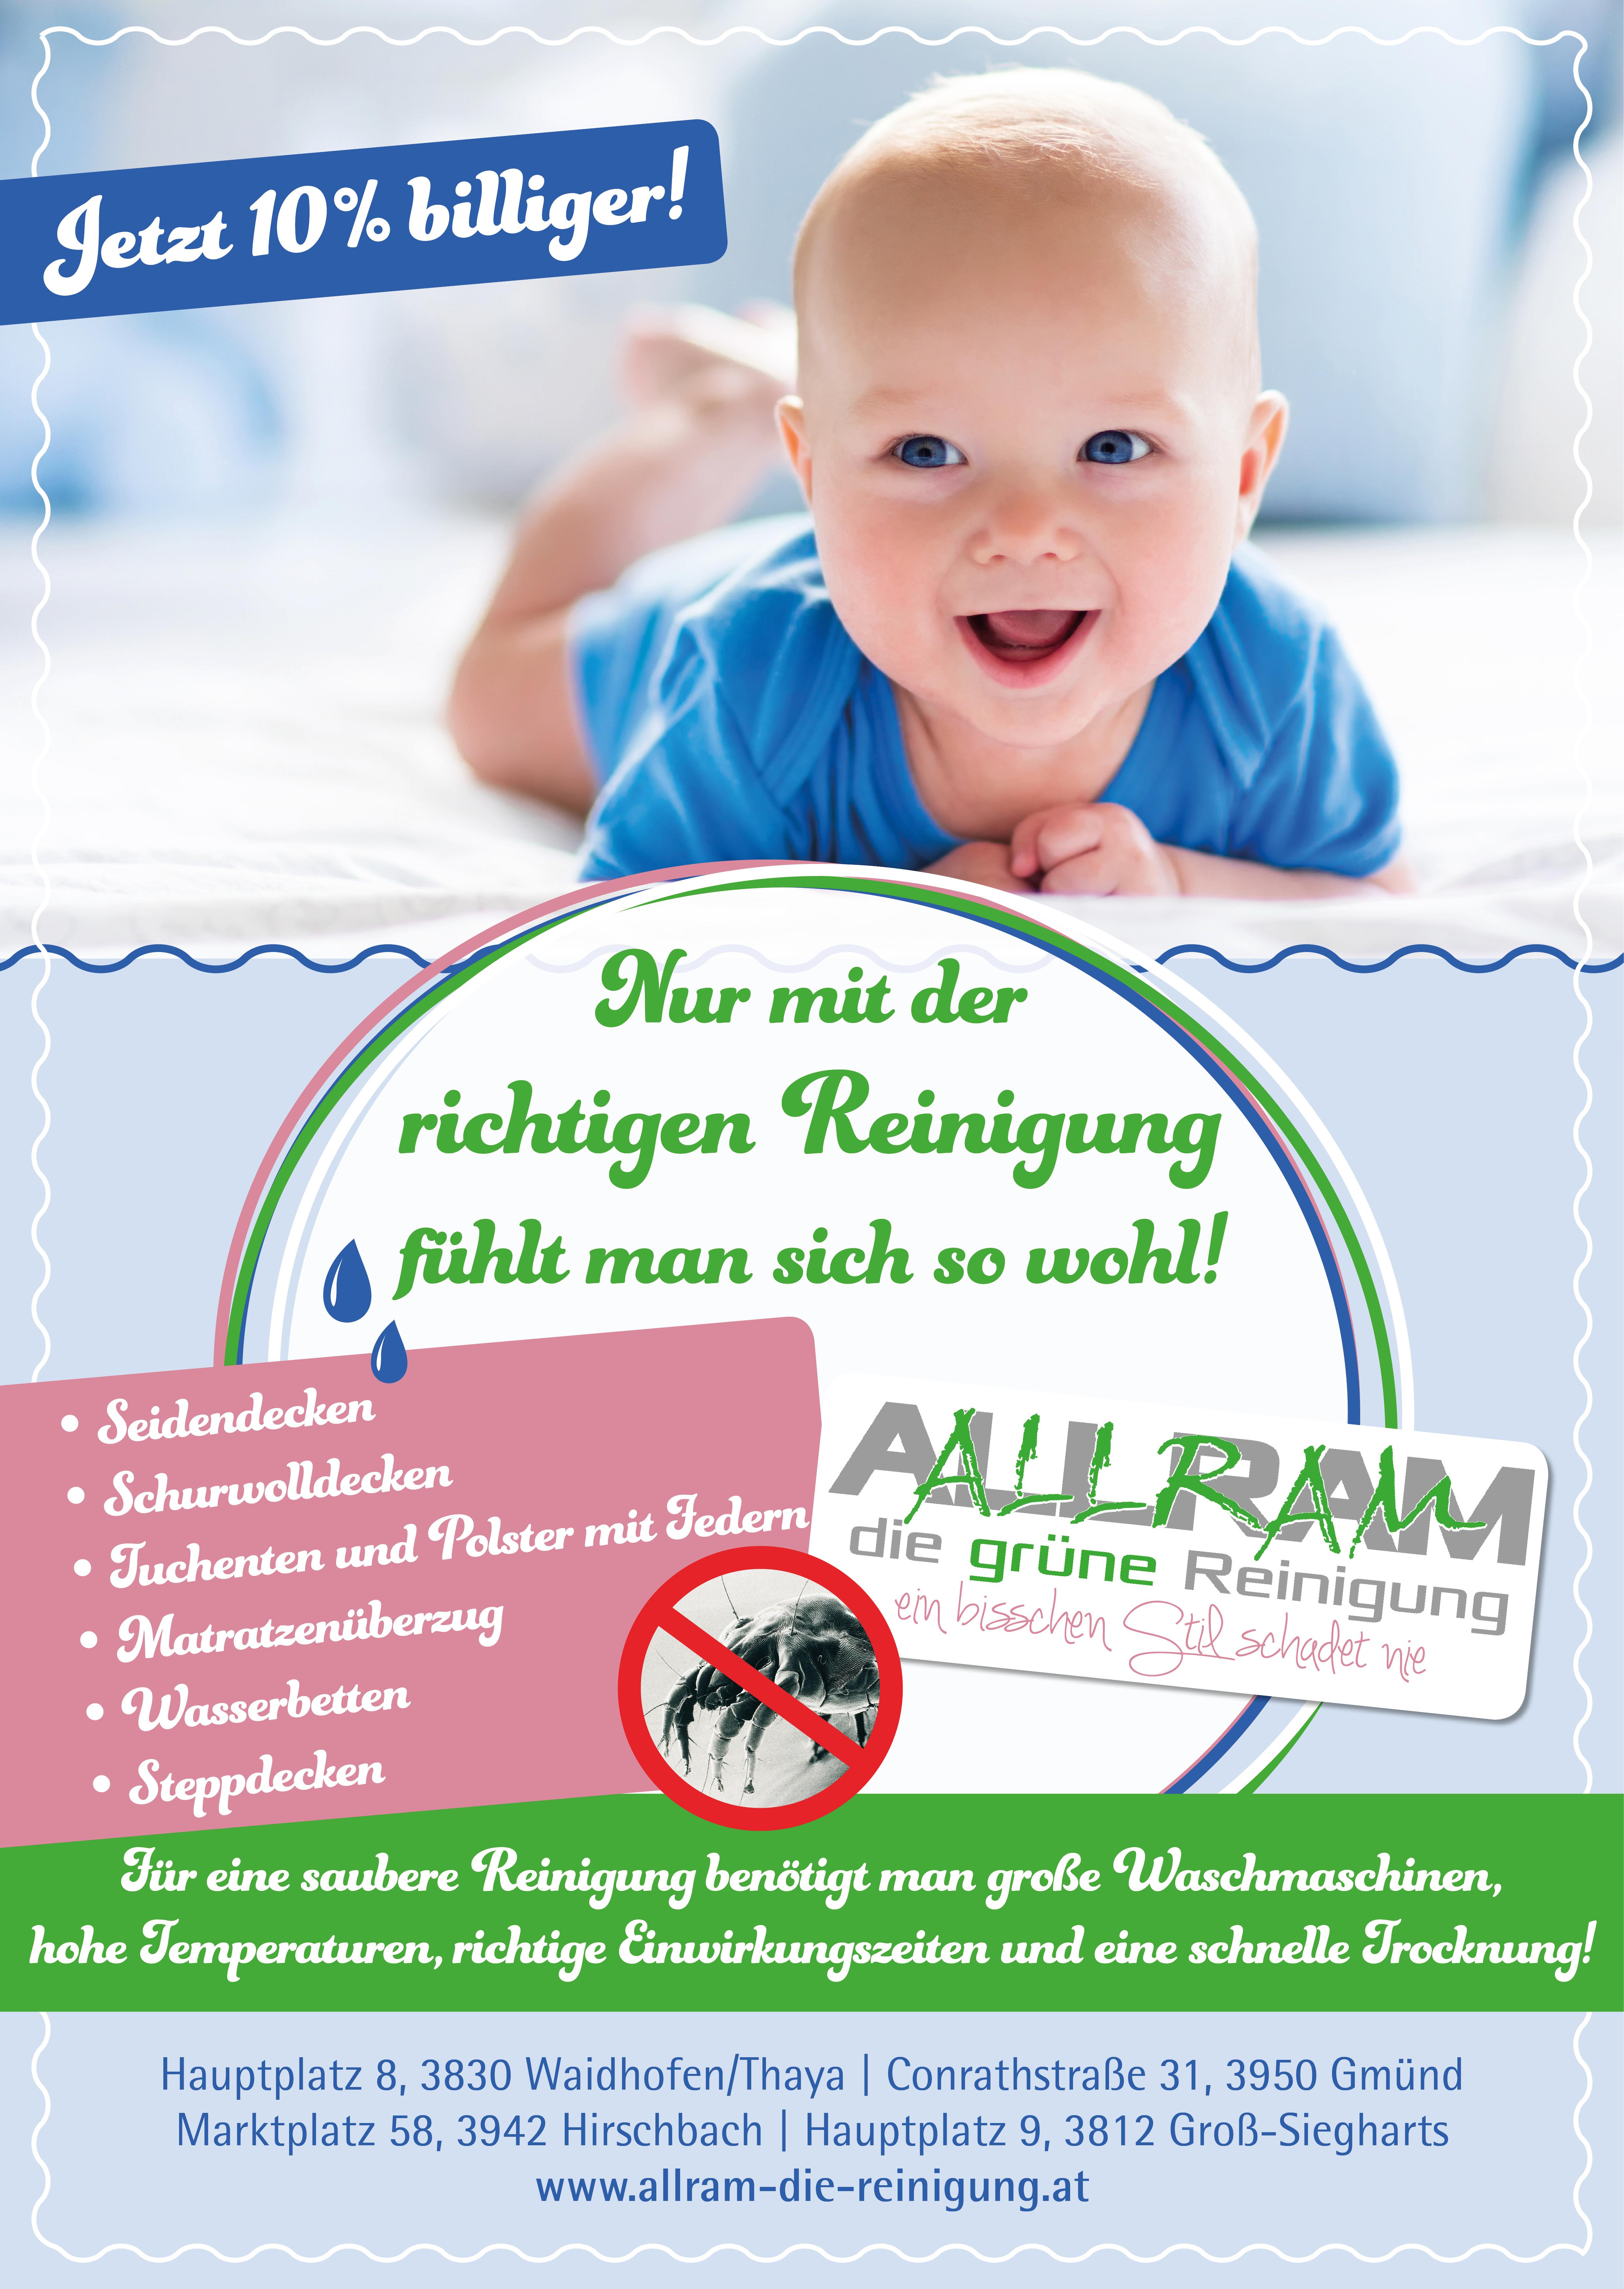 41701592ac77 Steppdecken-Aktion - 10% Billiger - Allram - Die grüne Reinigung